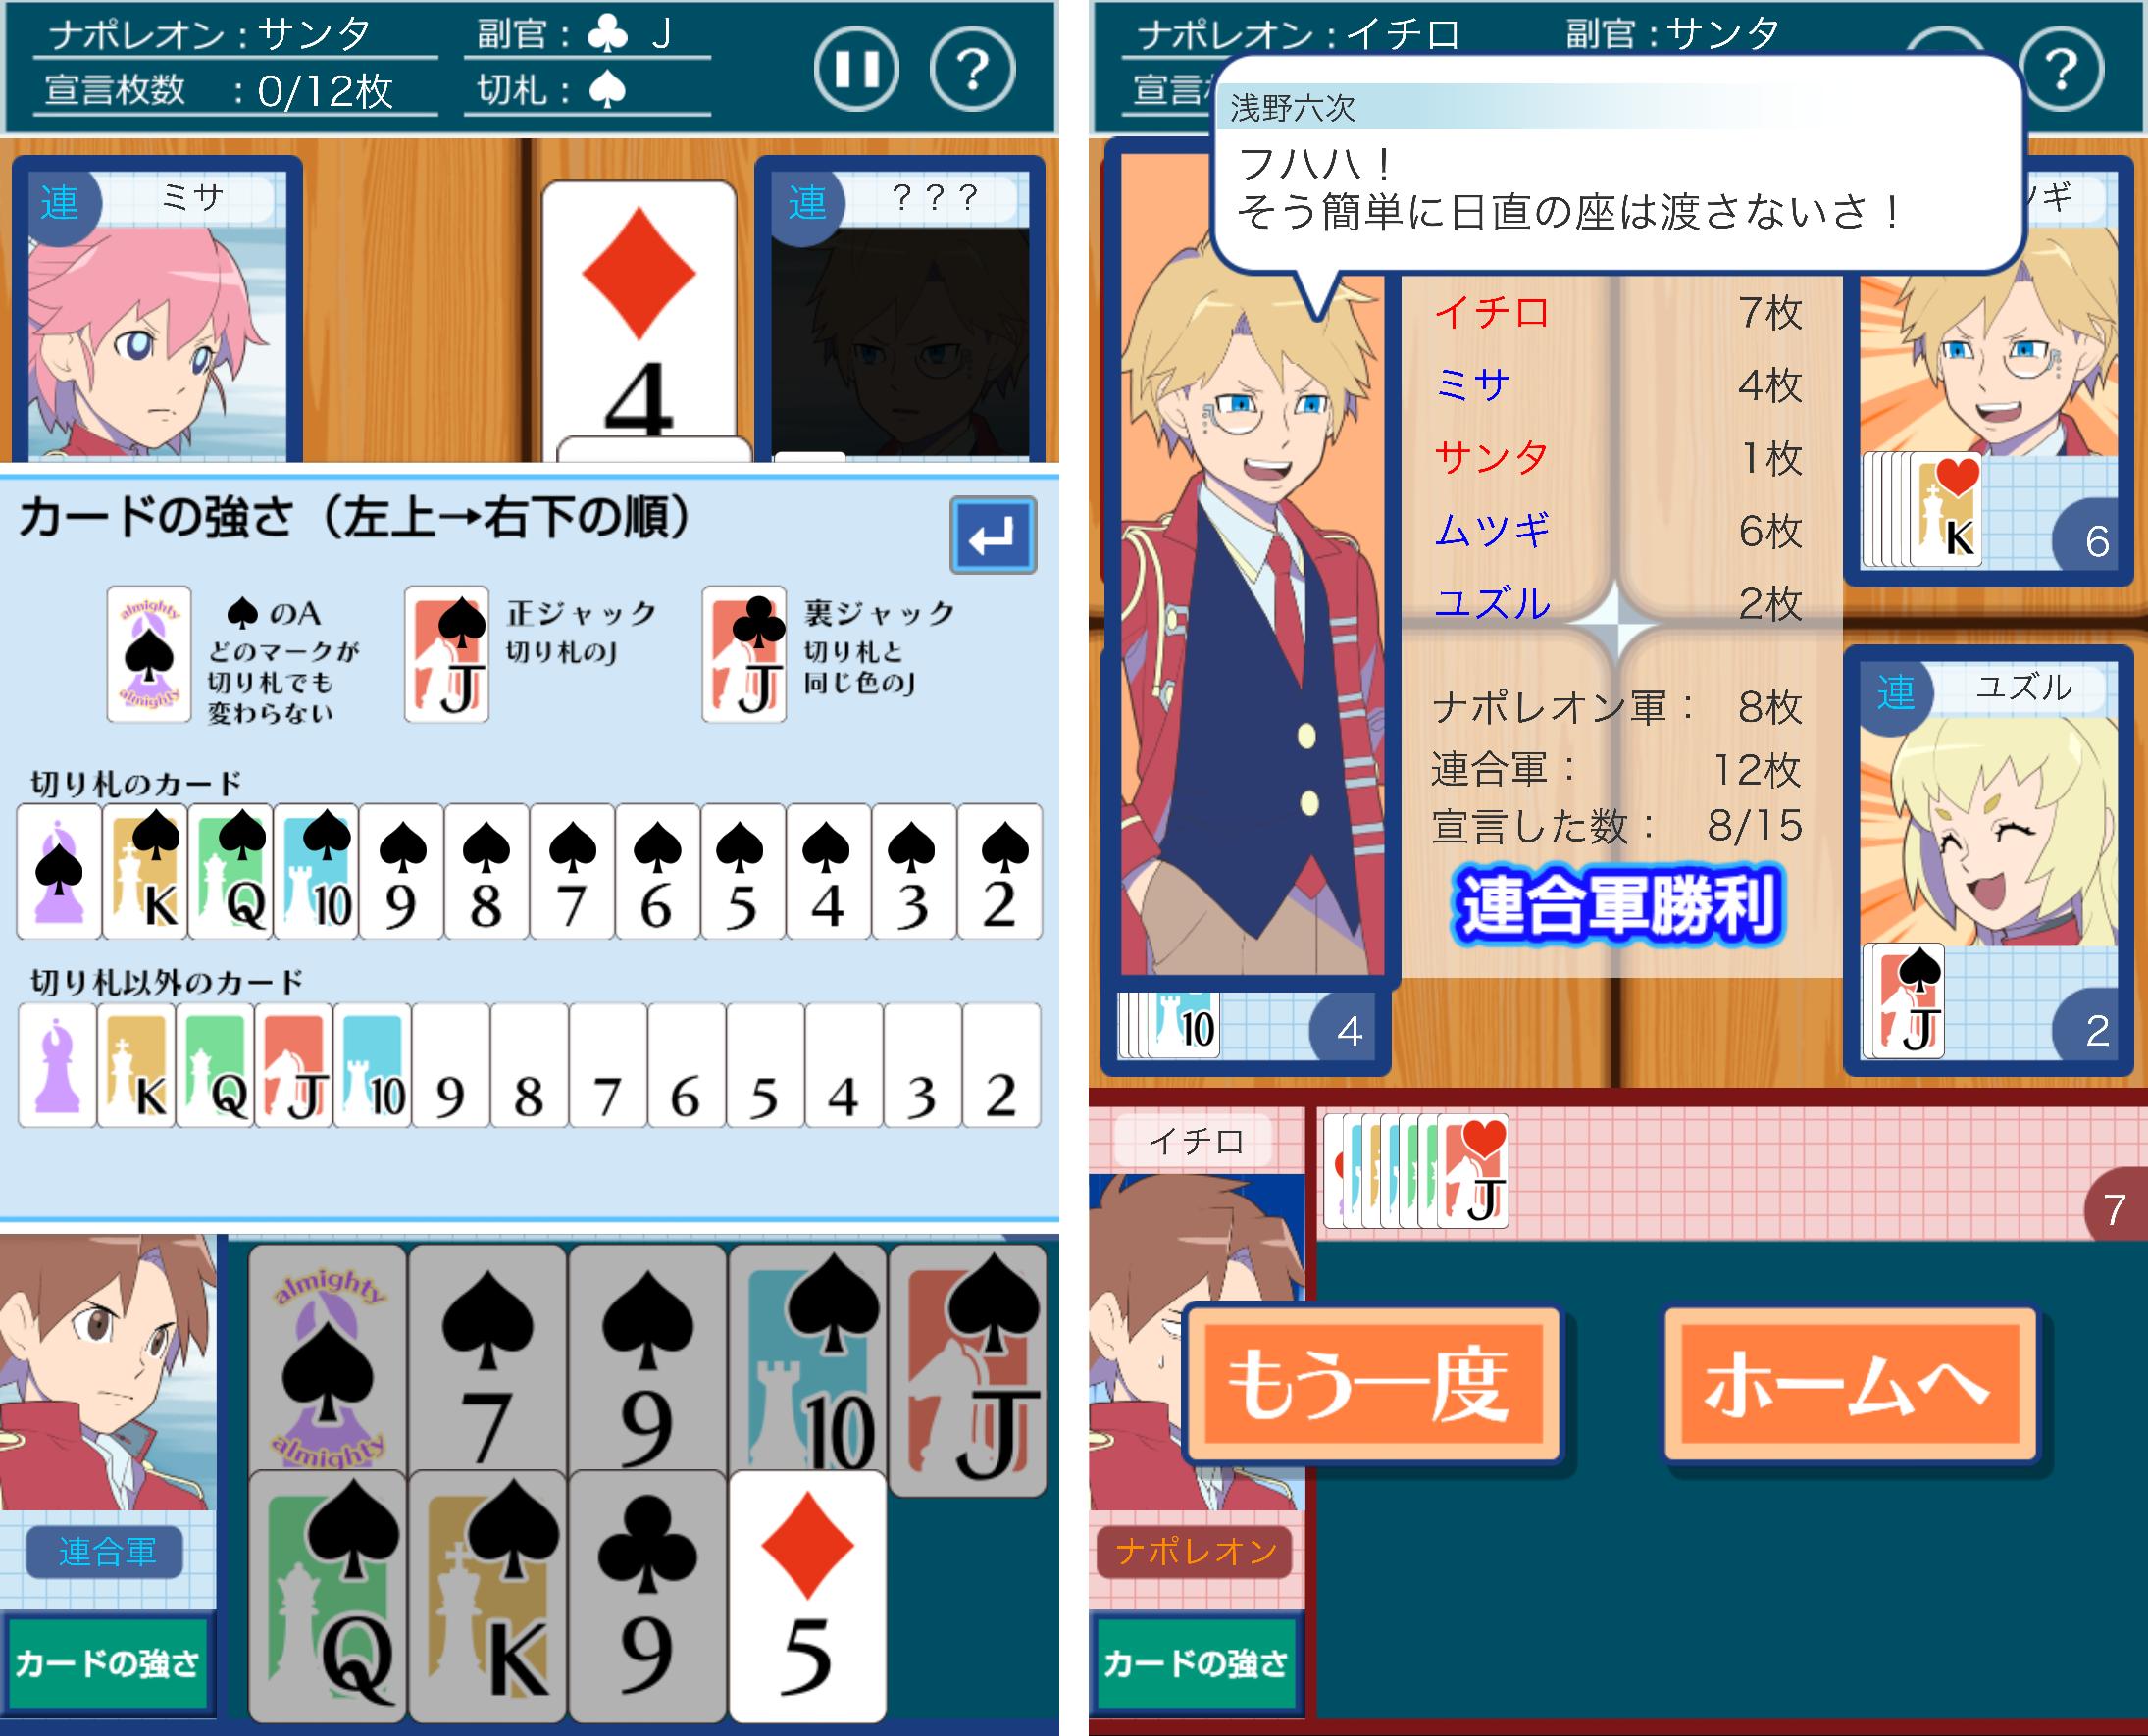 日直争奪ナポレオン学園(トランプゲーム) androidアプリスクリーンショット3